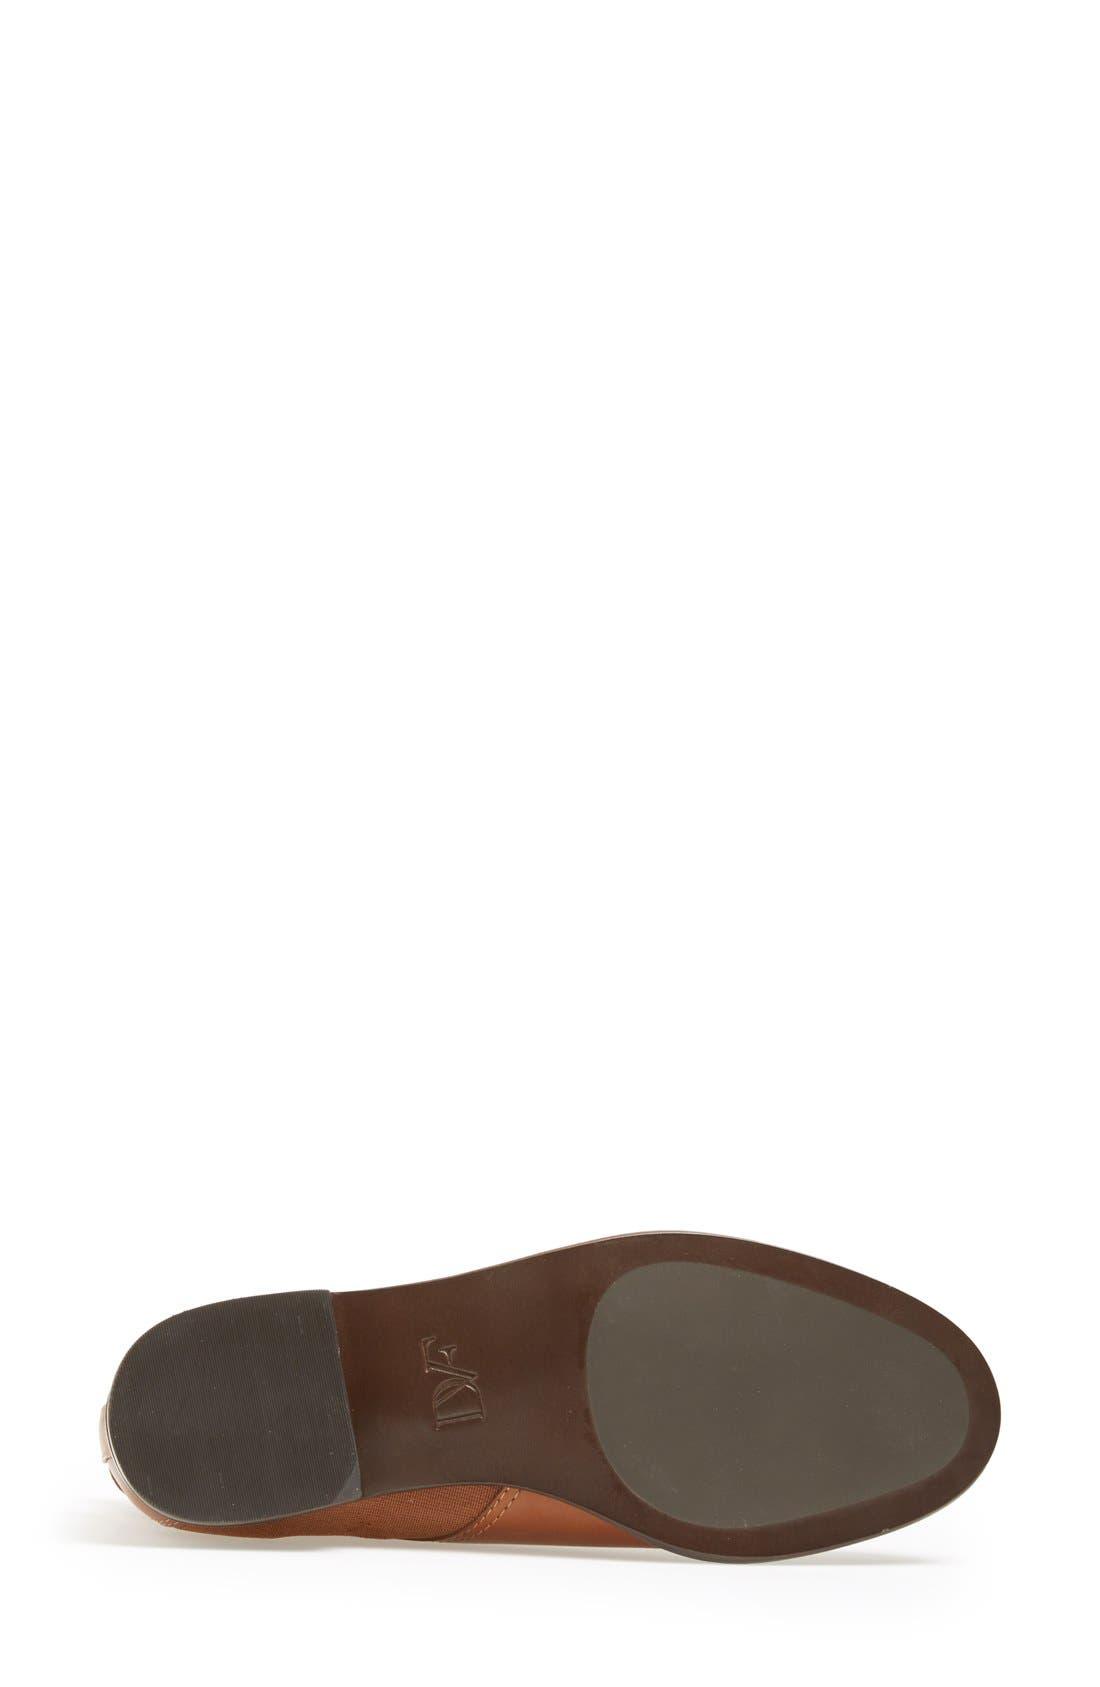 Alternate Image 4  - Diane von Furstenberg 'Rikki' Leather Boot (Women)